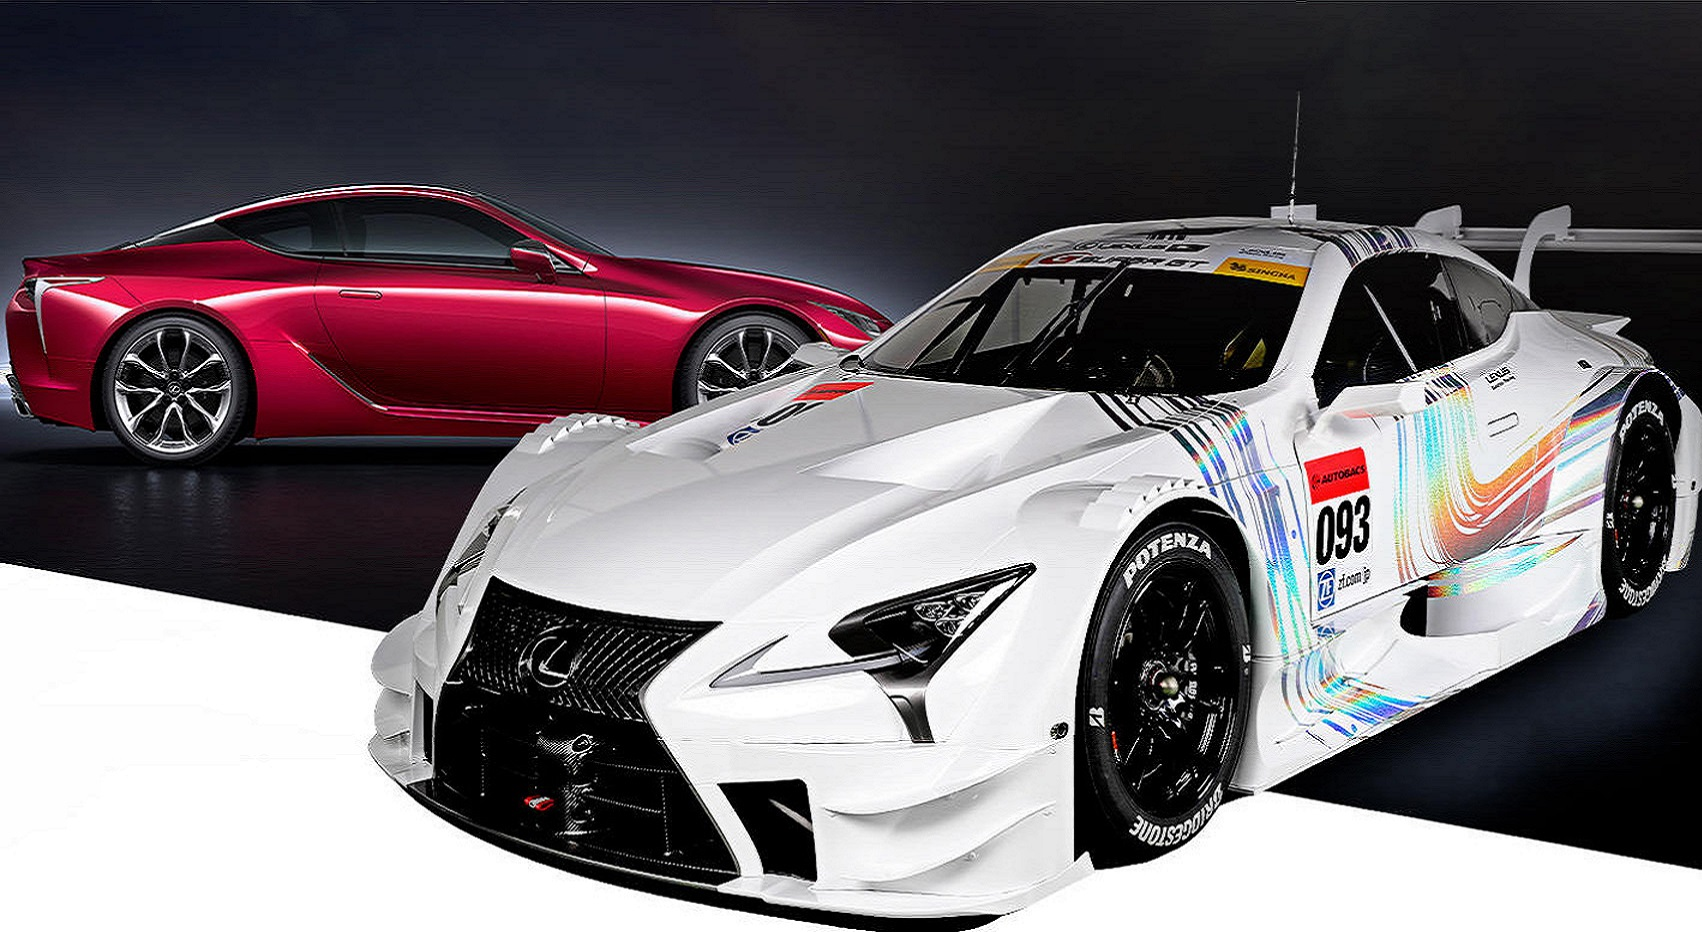 2017 Lexus LC Super GT, японцы показали новый гоночный болид